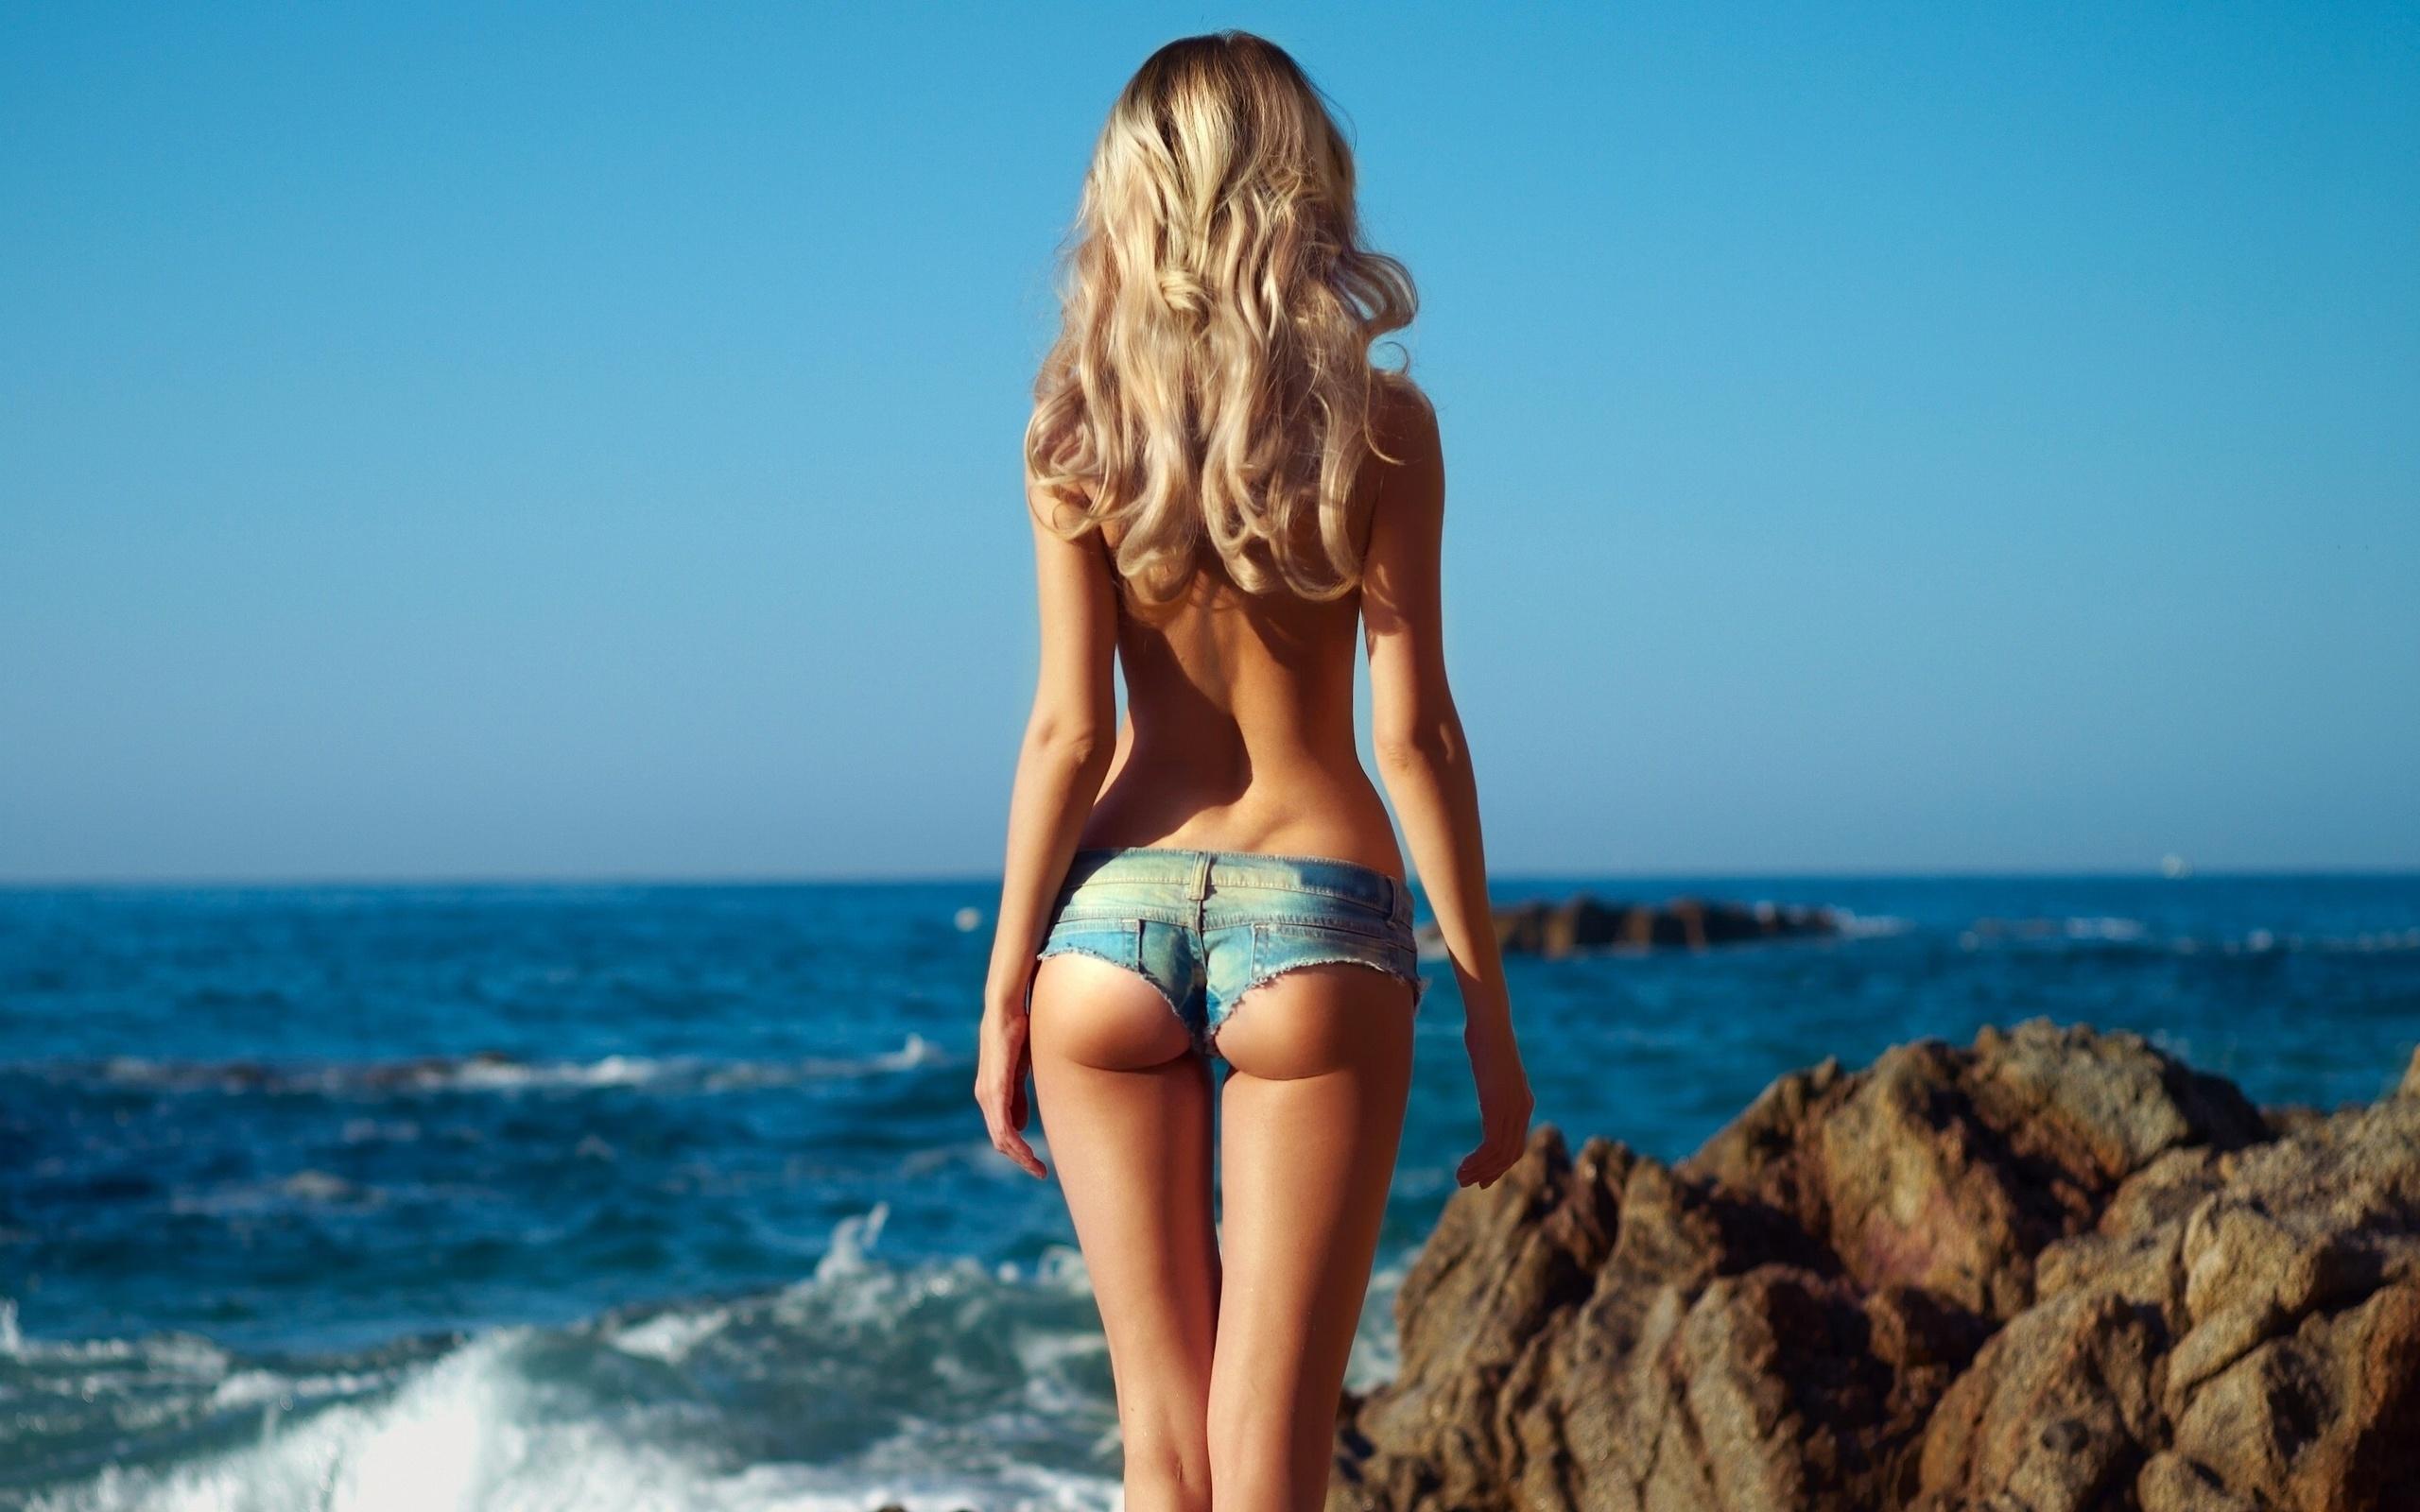 Фото в купальнике на пляже со спины 24 фотография